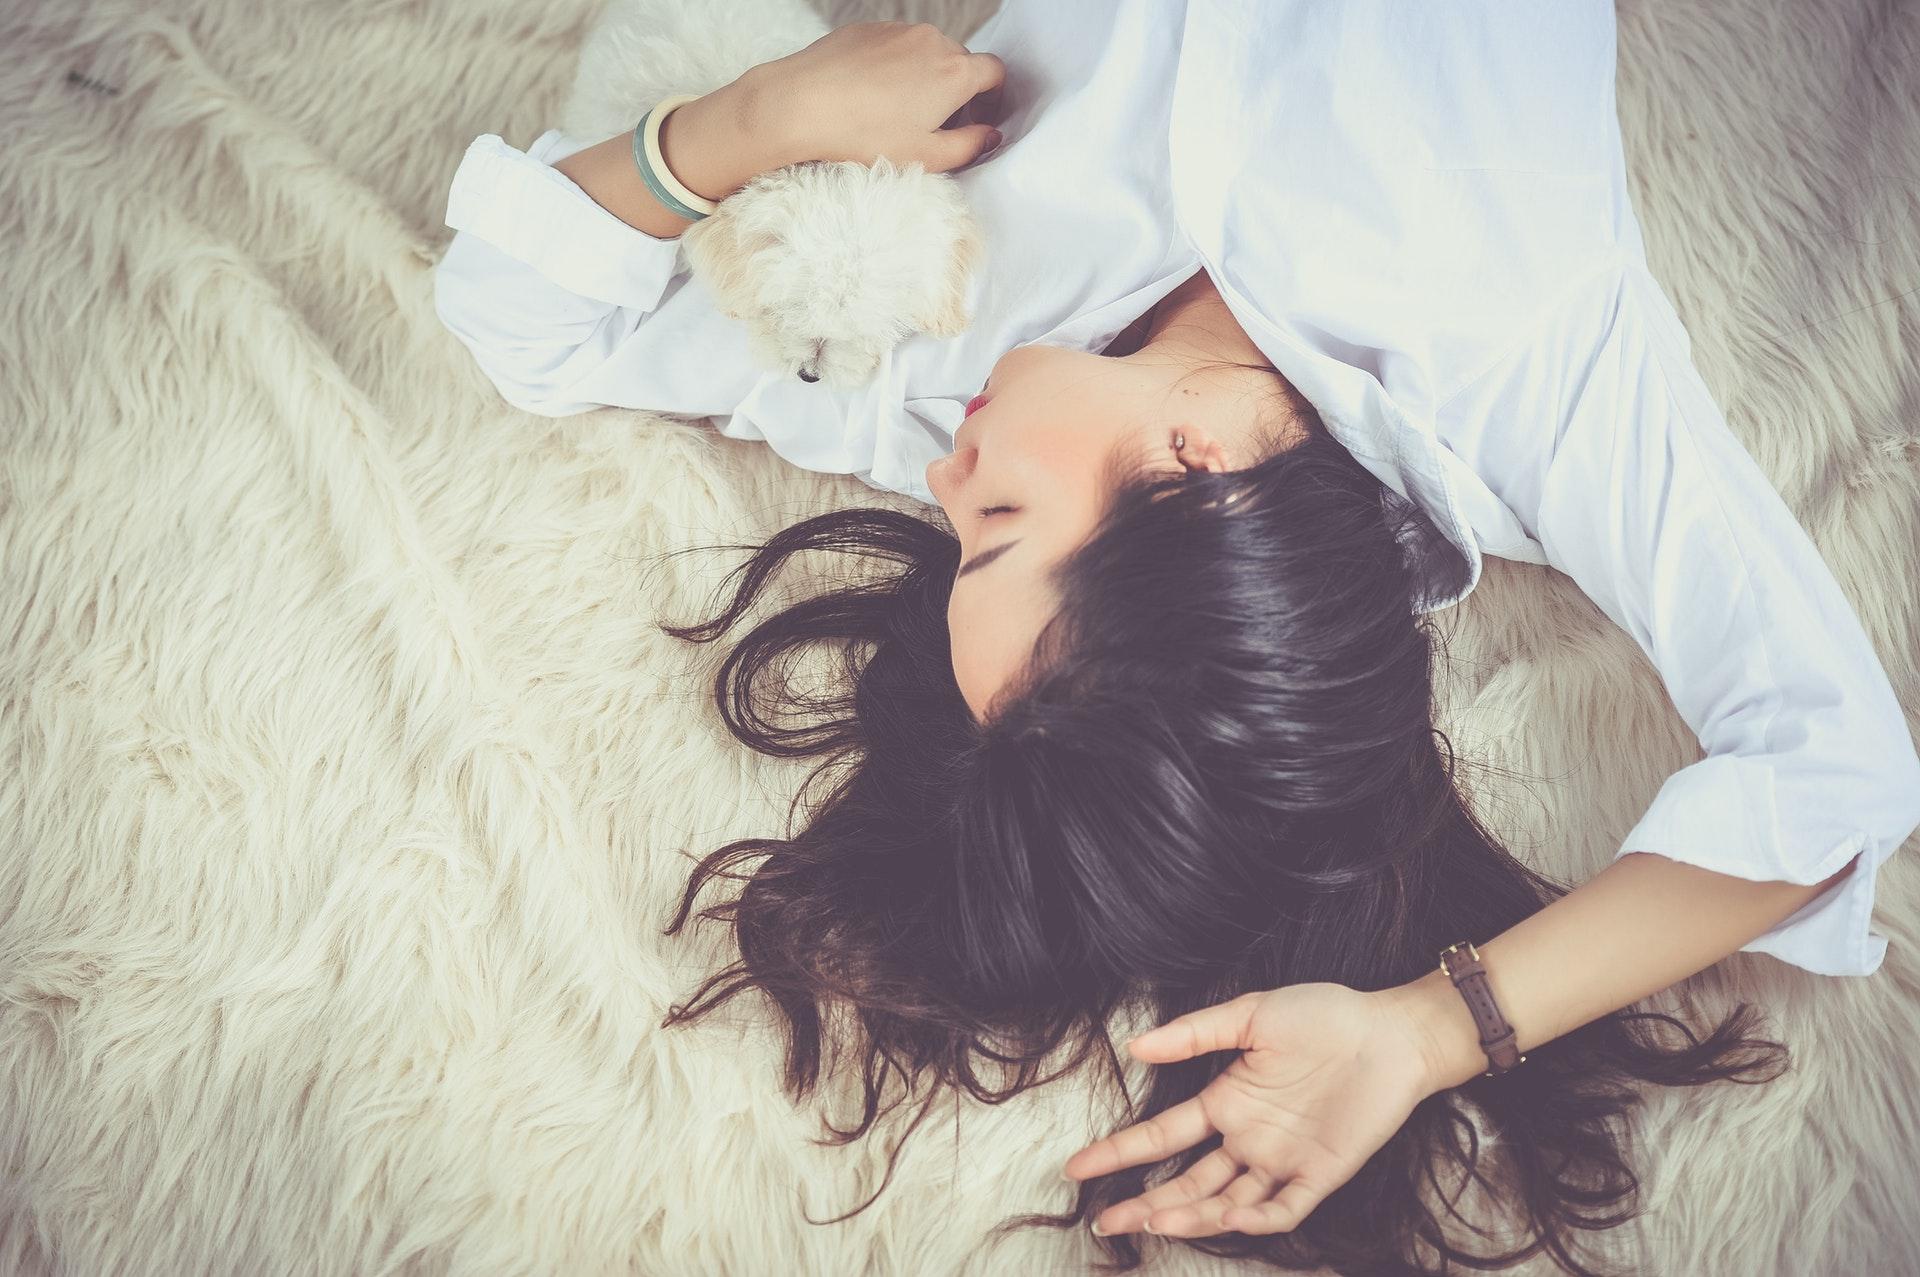 samfund, sygdom, Afbrudt søvn, søvn, livskvaliteten, dårlig søvn, nattisseri, unge, gamle, ældre, miljø, sov godt, guide, råd, danmark, dårlig, forskning, mental, livskvalitet, kroppen, Afbrudt søvn, søvn, sove, nattesøvn, ro, lys, mad, kaffe, celler, hormoner, regulering, stress, kortisol, sult, vægt, humør, hukommelse, indlæring, kroppen, sove, hverdag, skærme, travlhed,